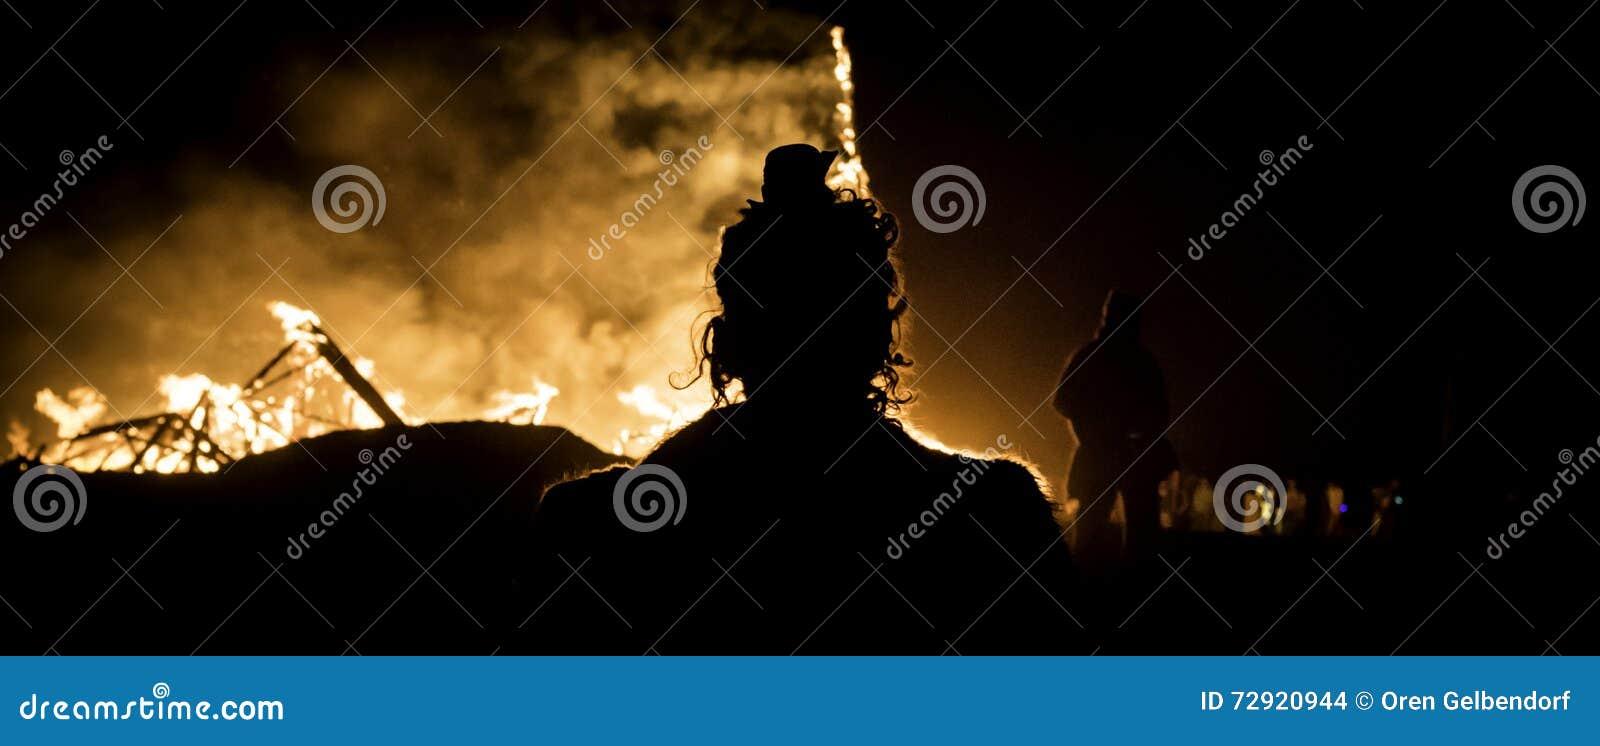 Observation sur le feu